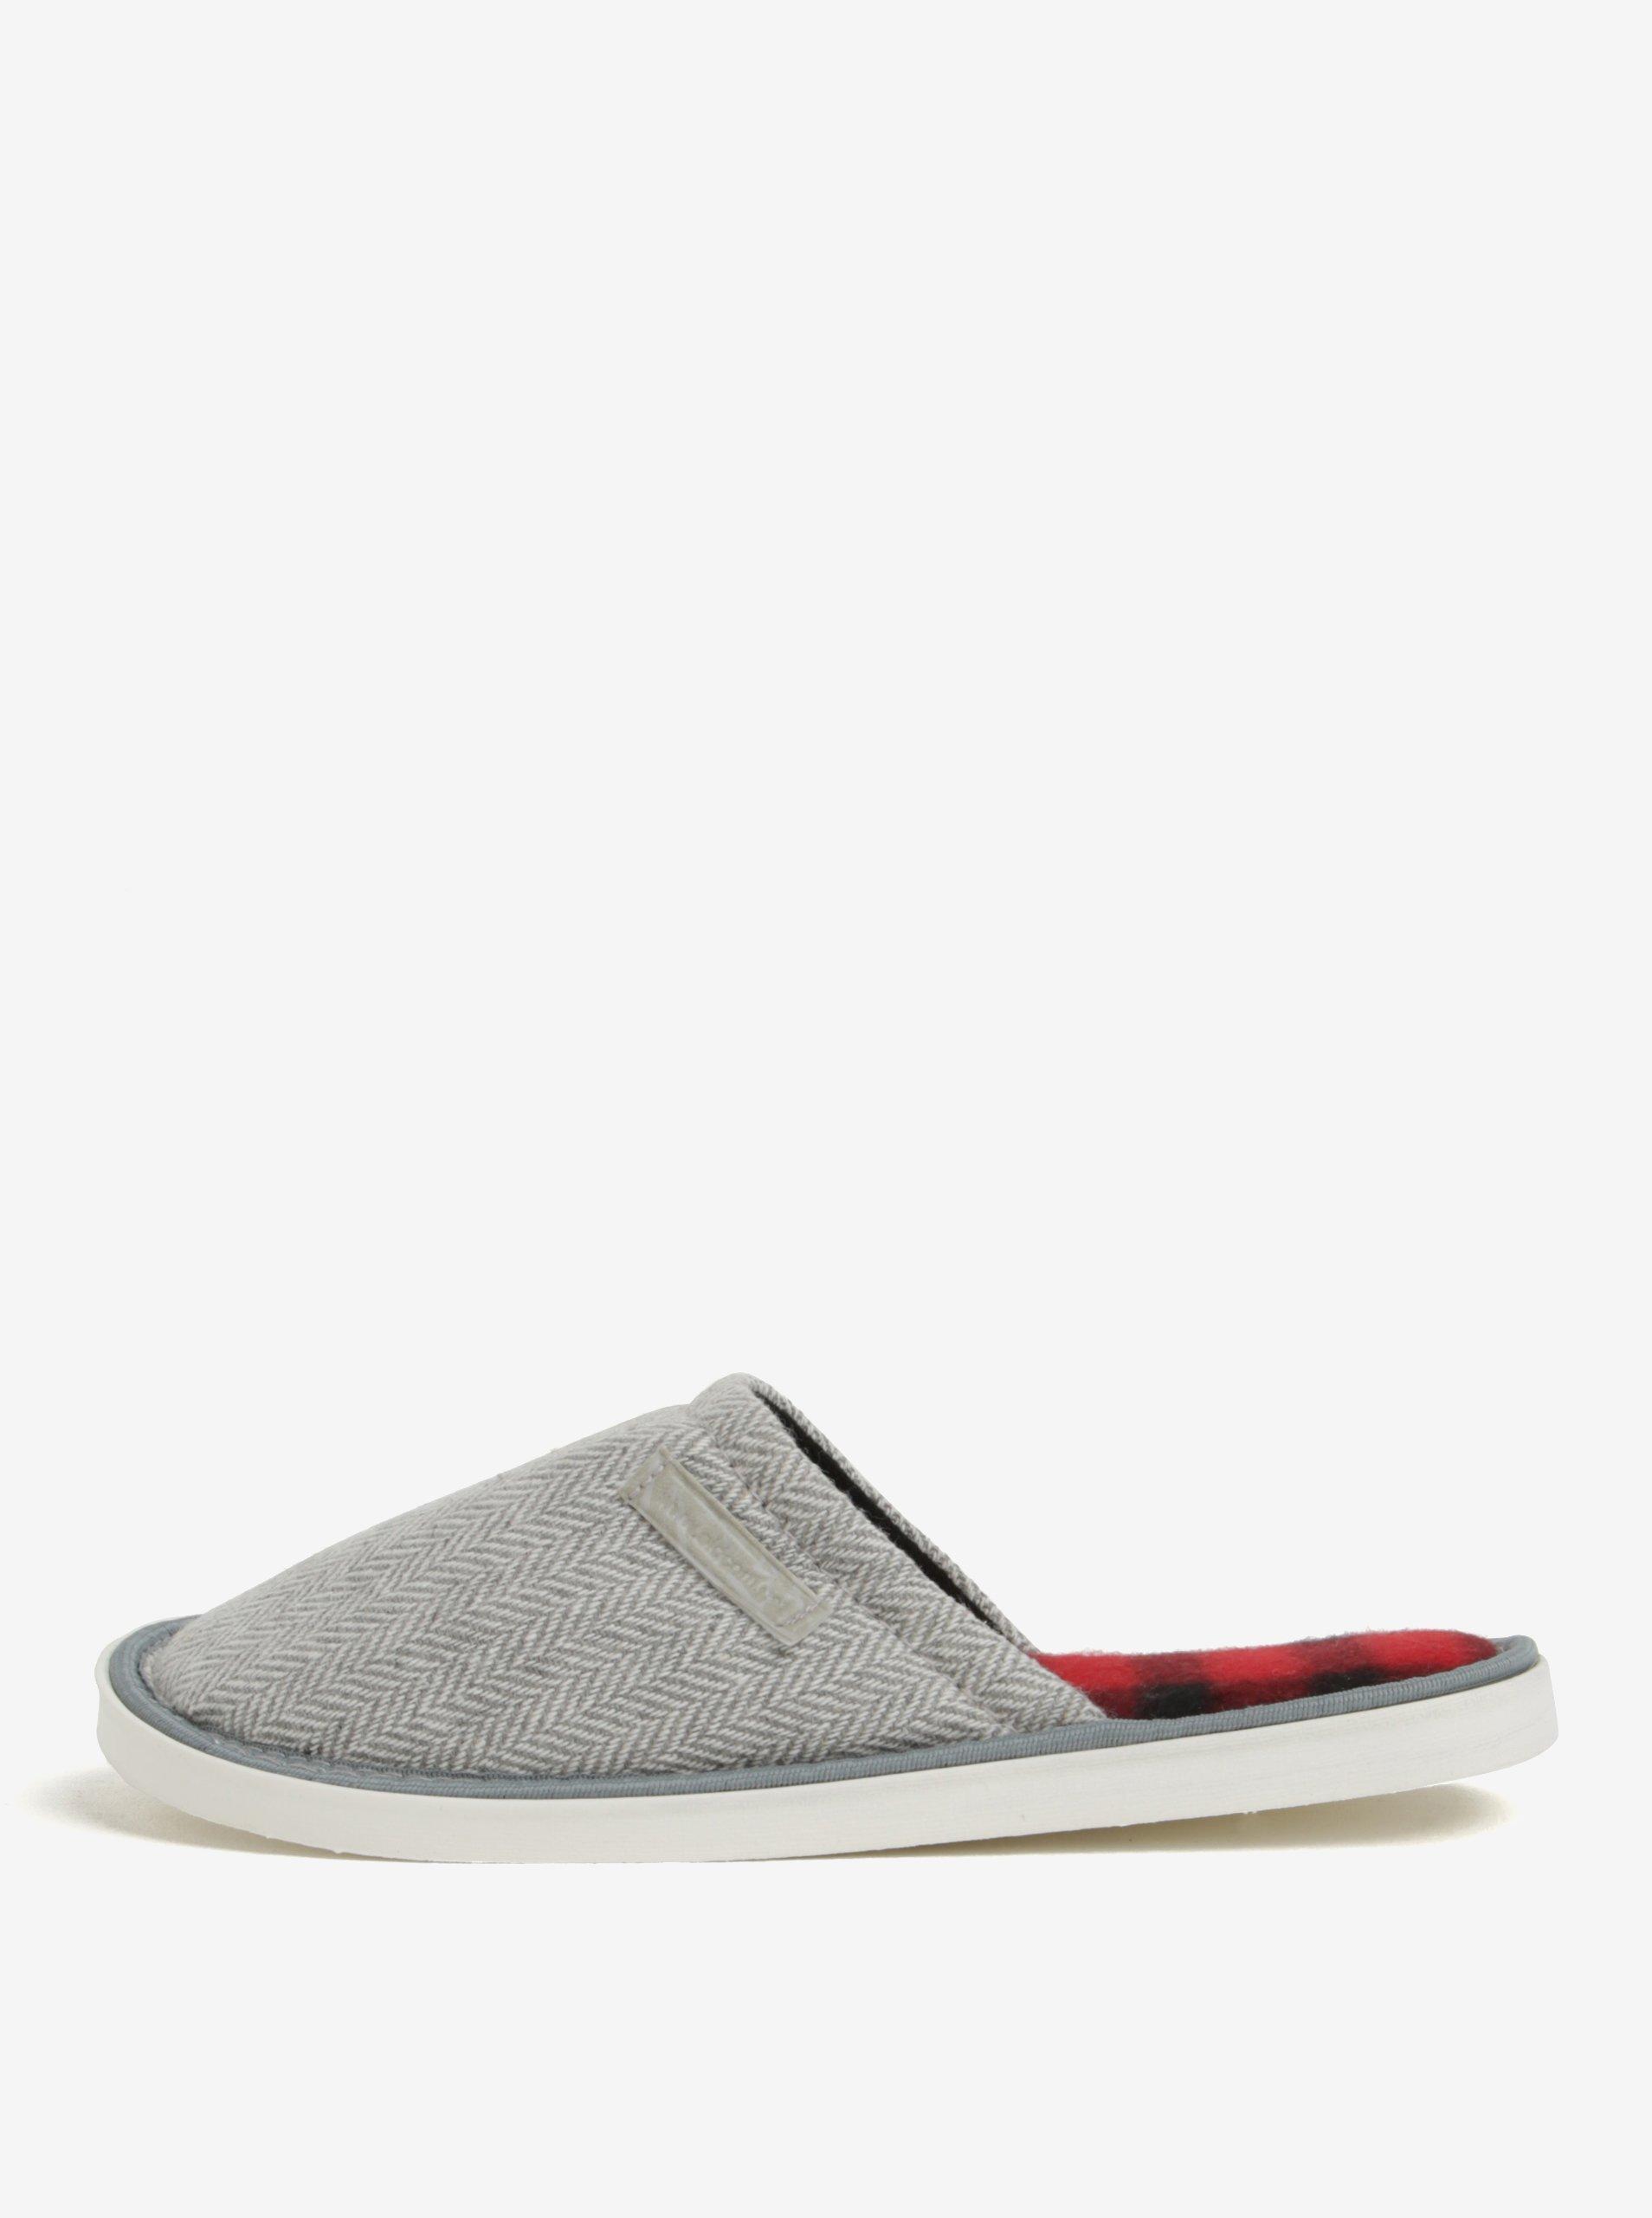 Krémovo-šedé unisex vzorované papuče Oldcom Luxhome